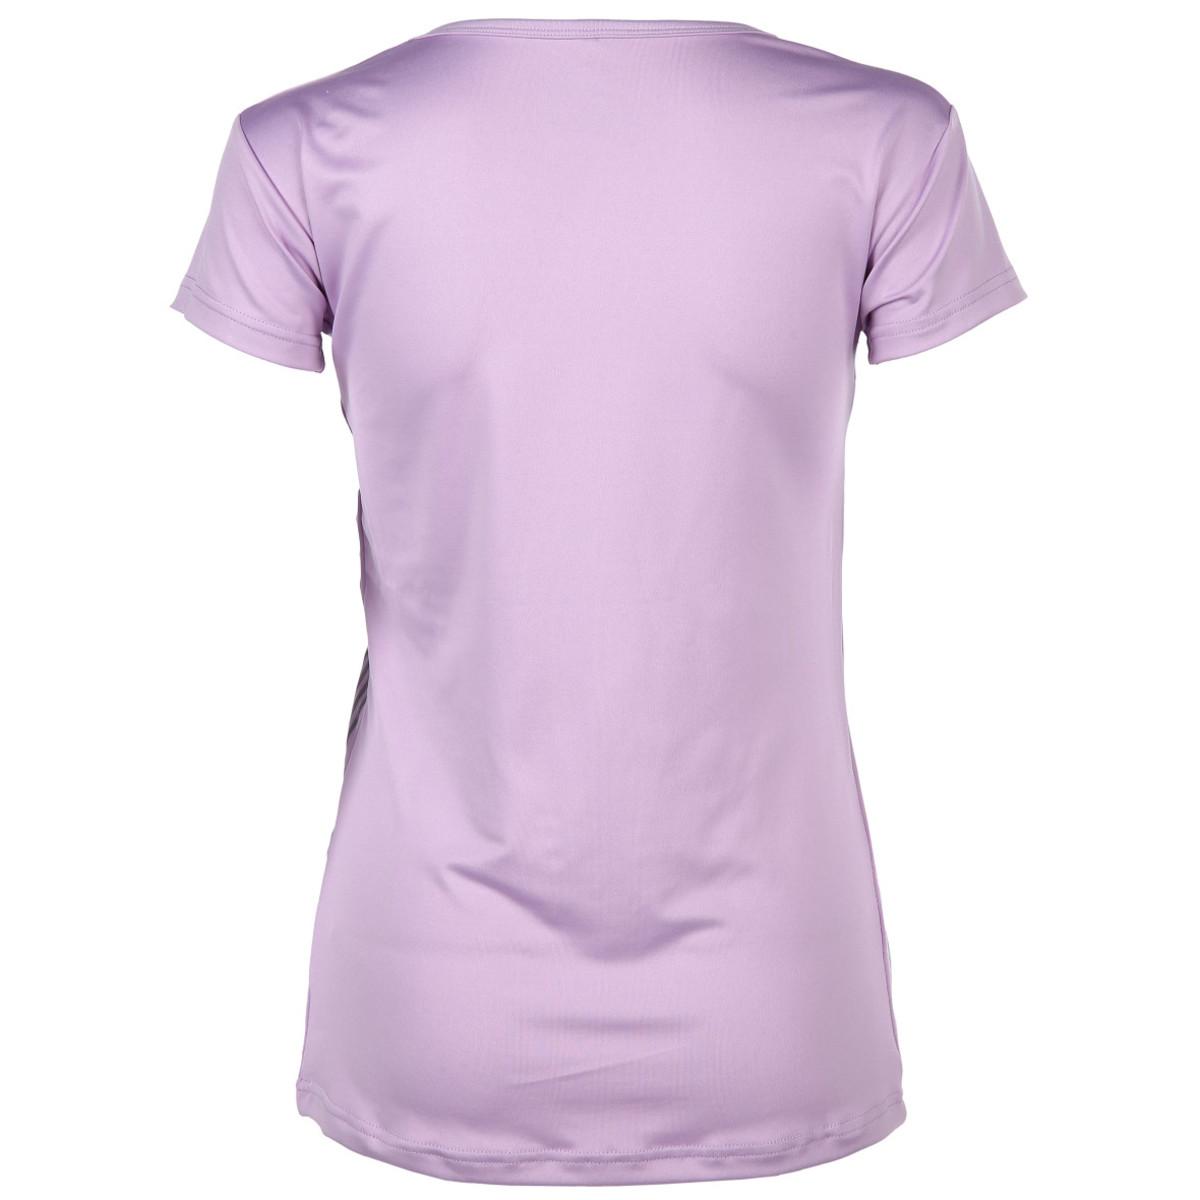 Bild 2 von Damen Sport Shirt